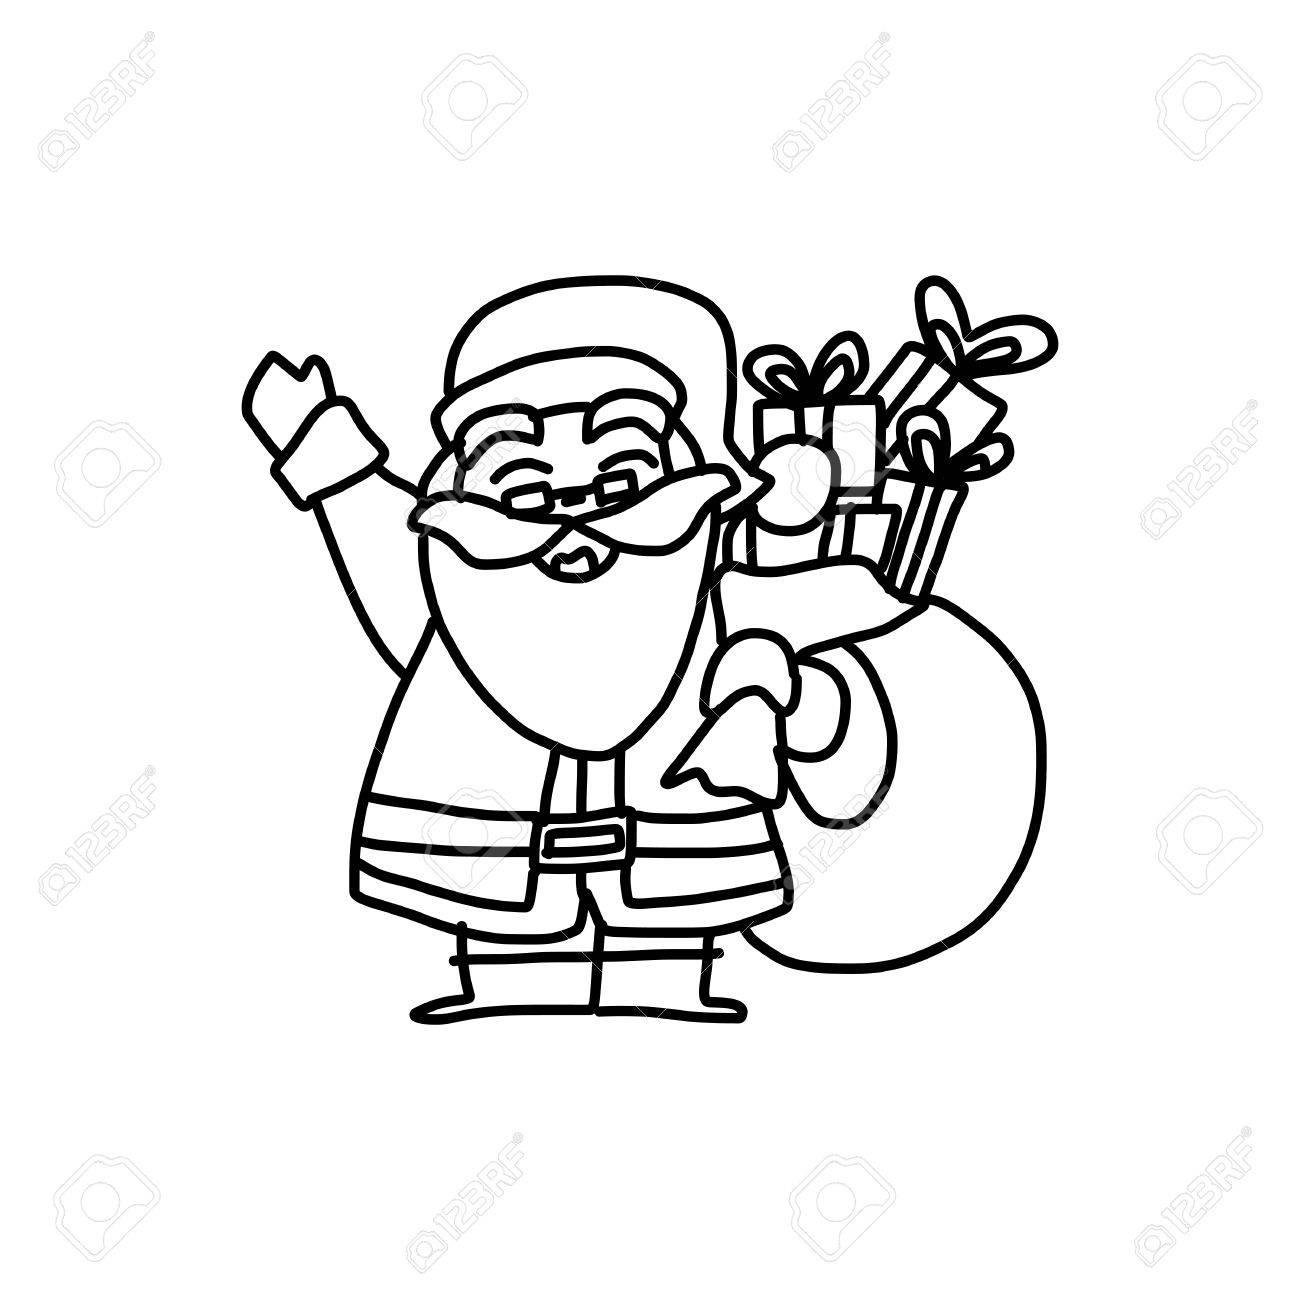 1300x1300 Hand Drawing Cartoon Character Christmas Santa Claus Royalty Free